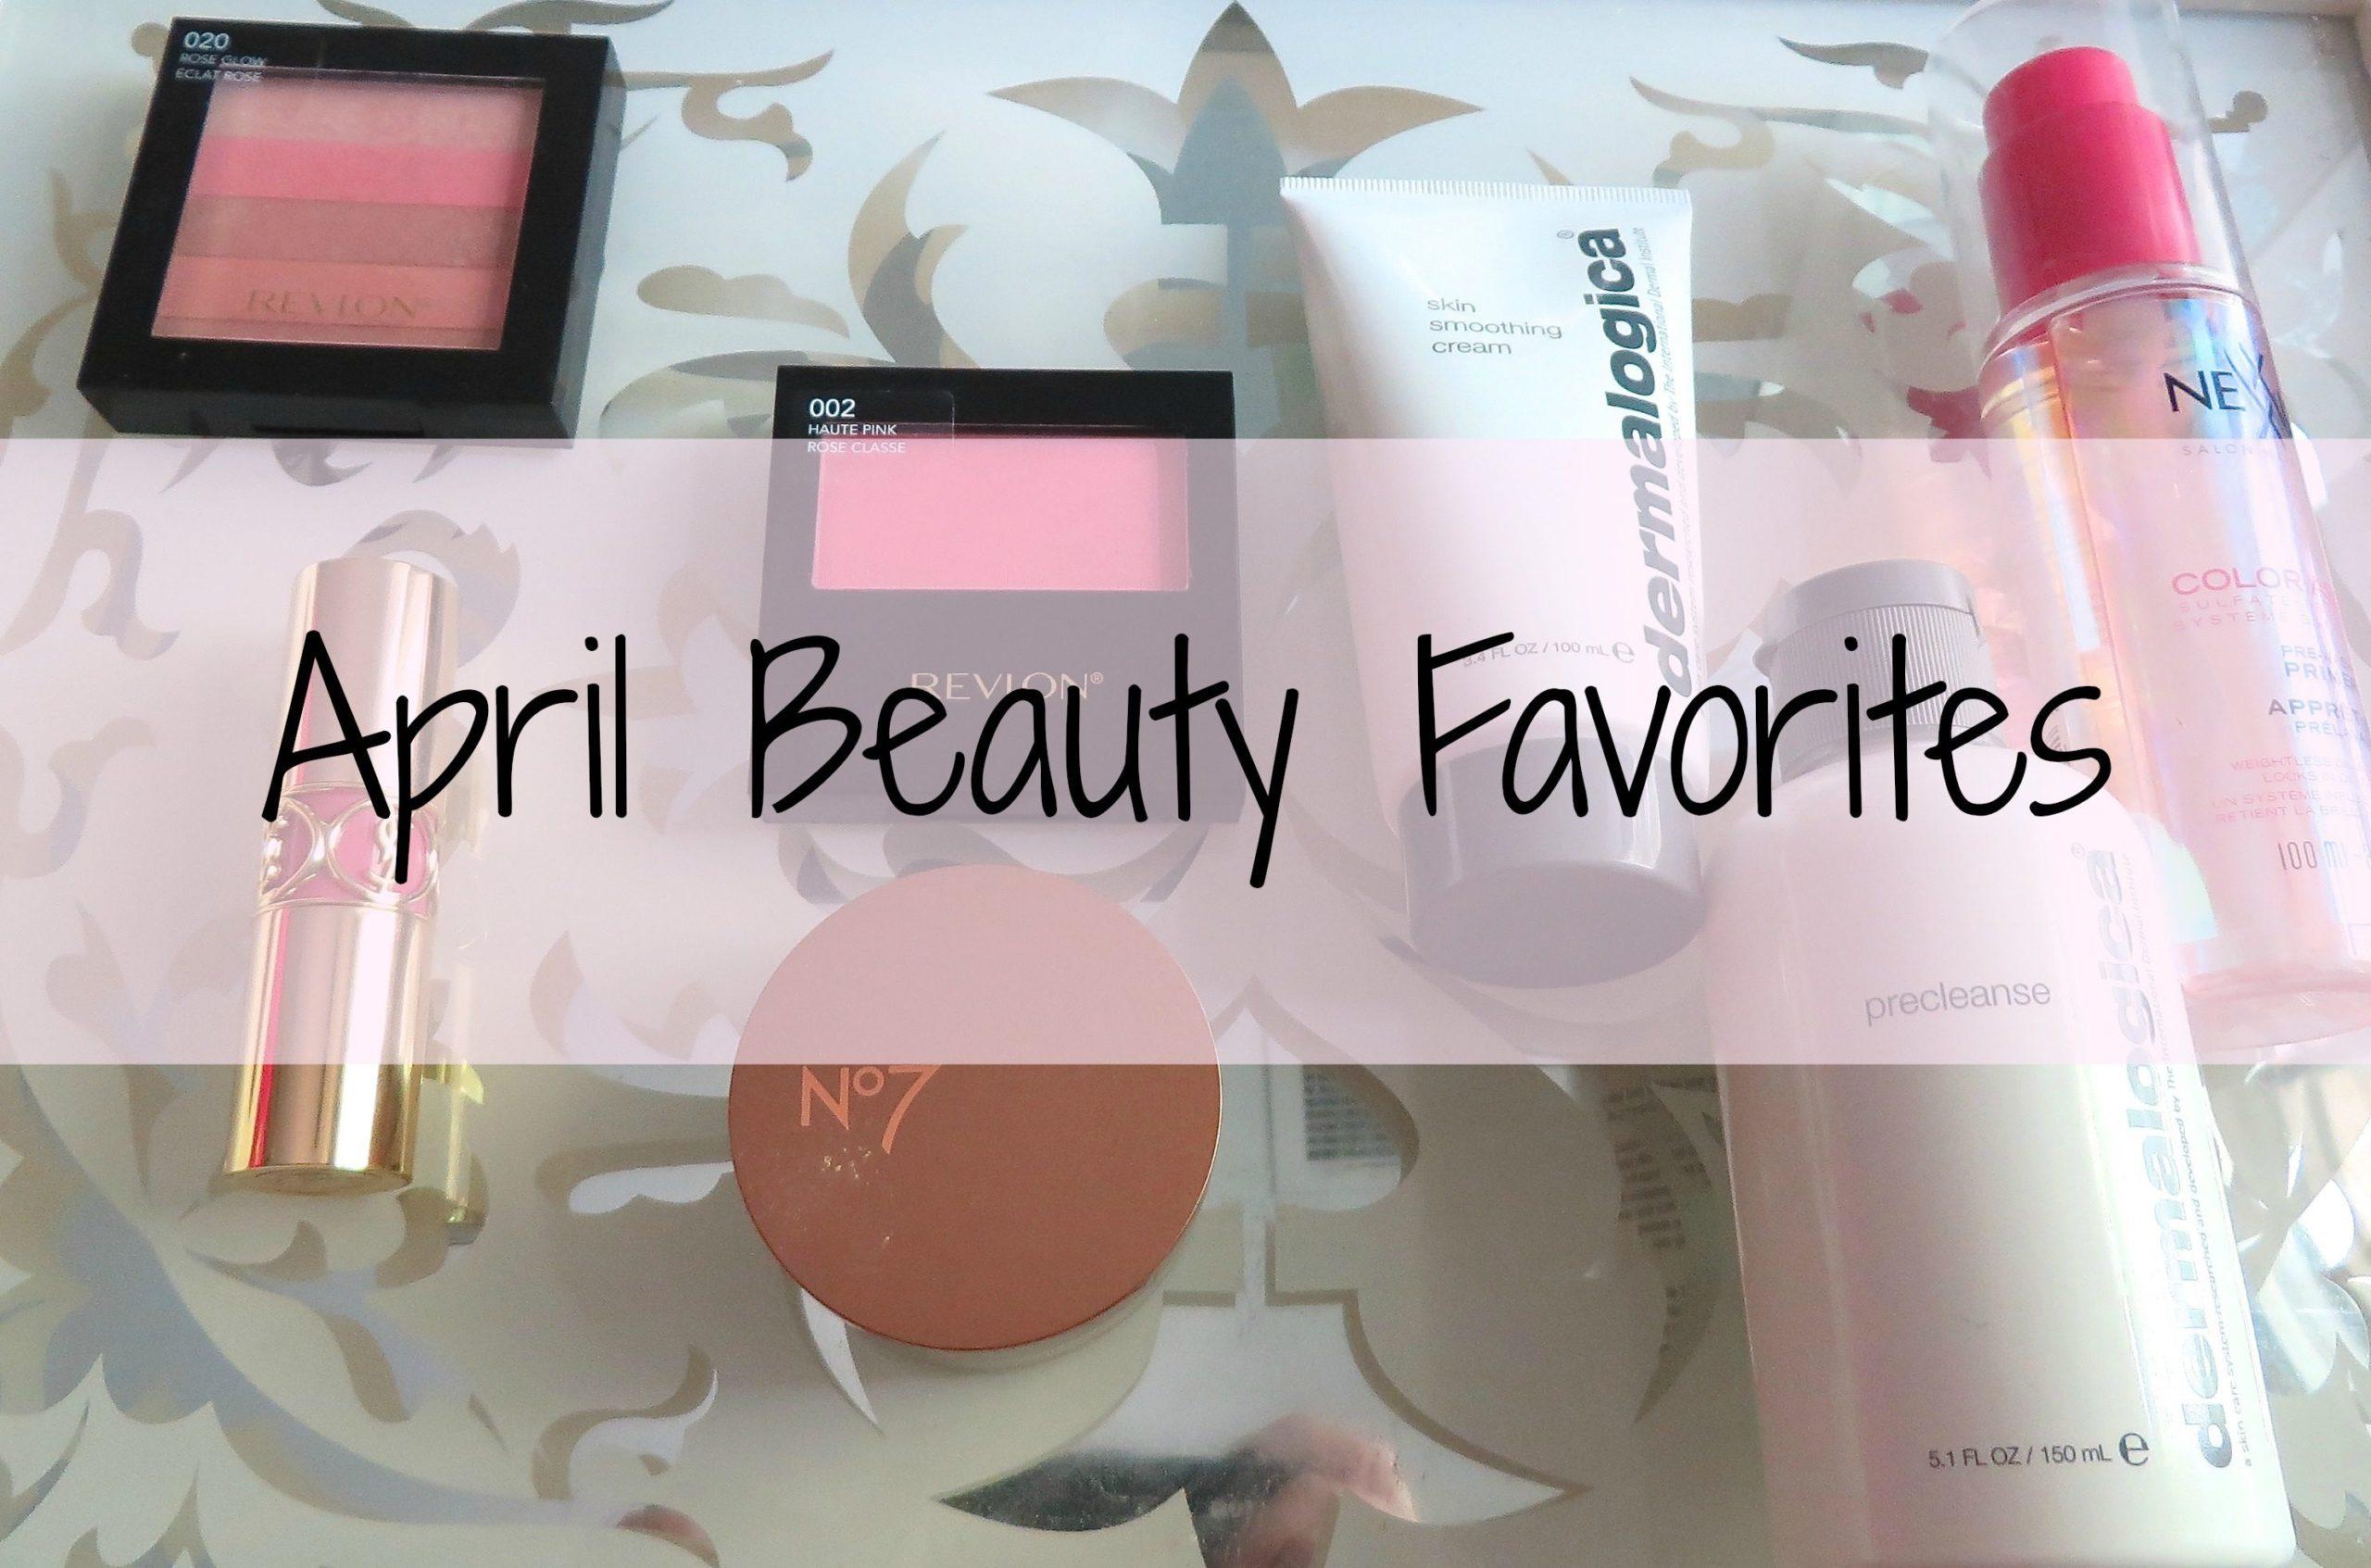 April Beauty Favorites